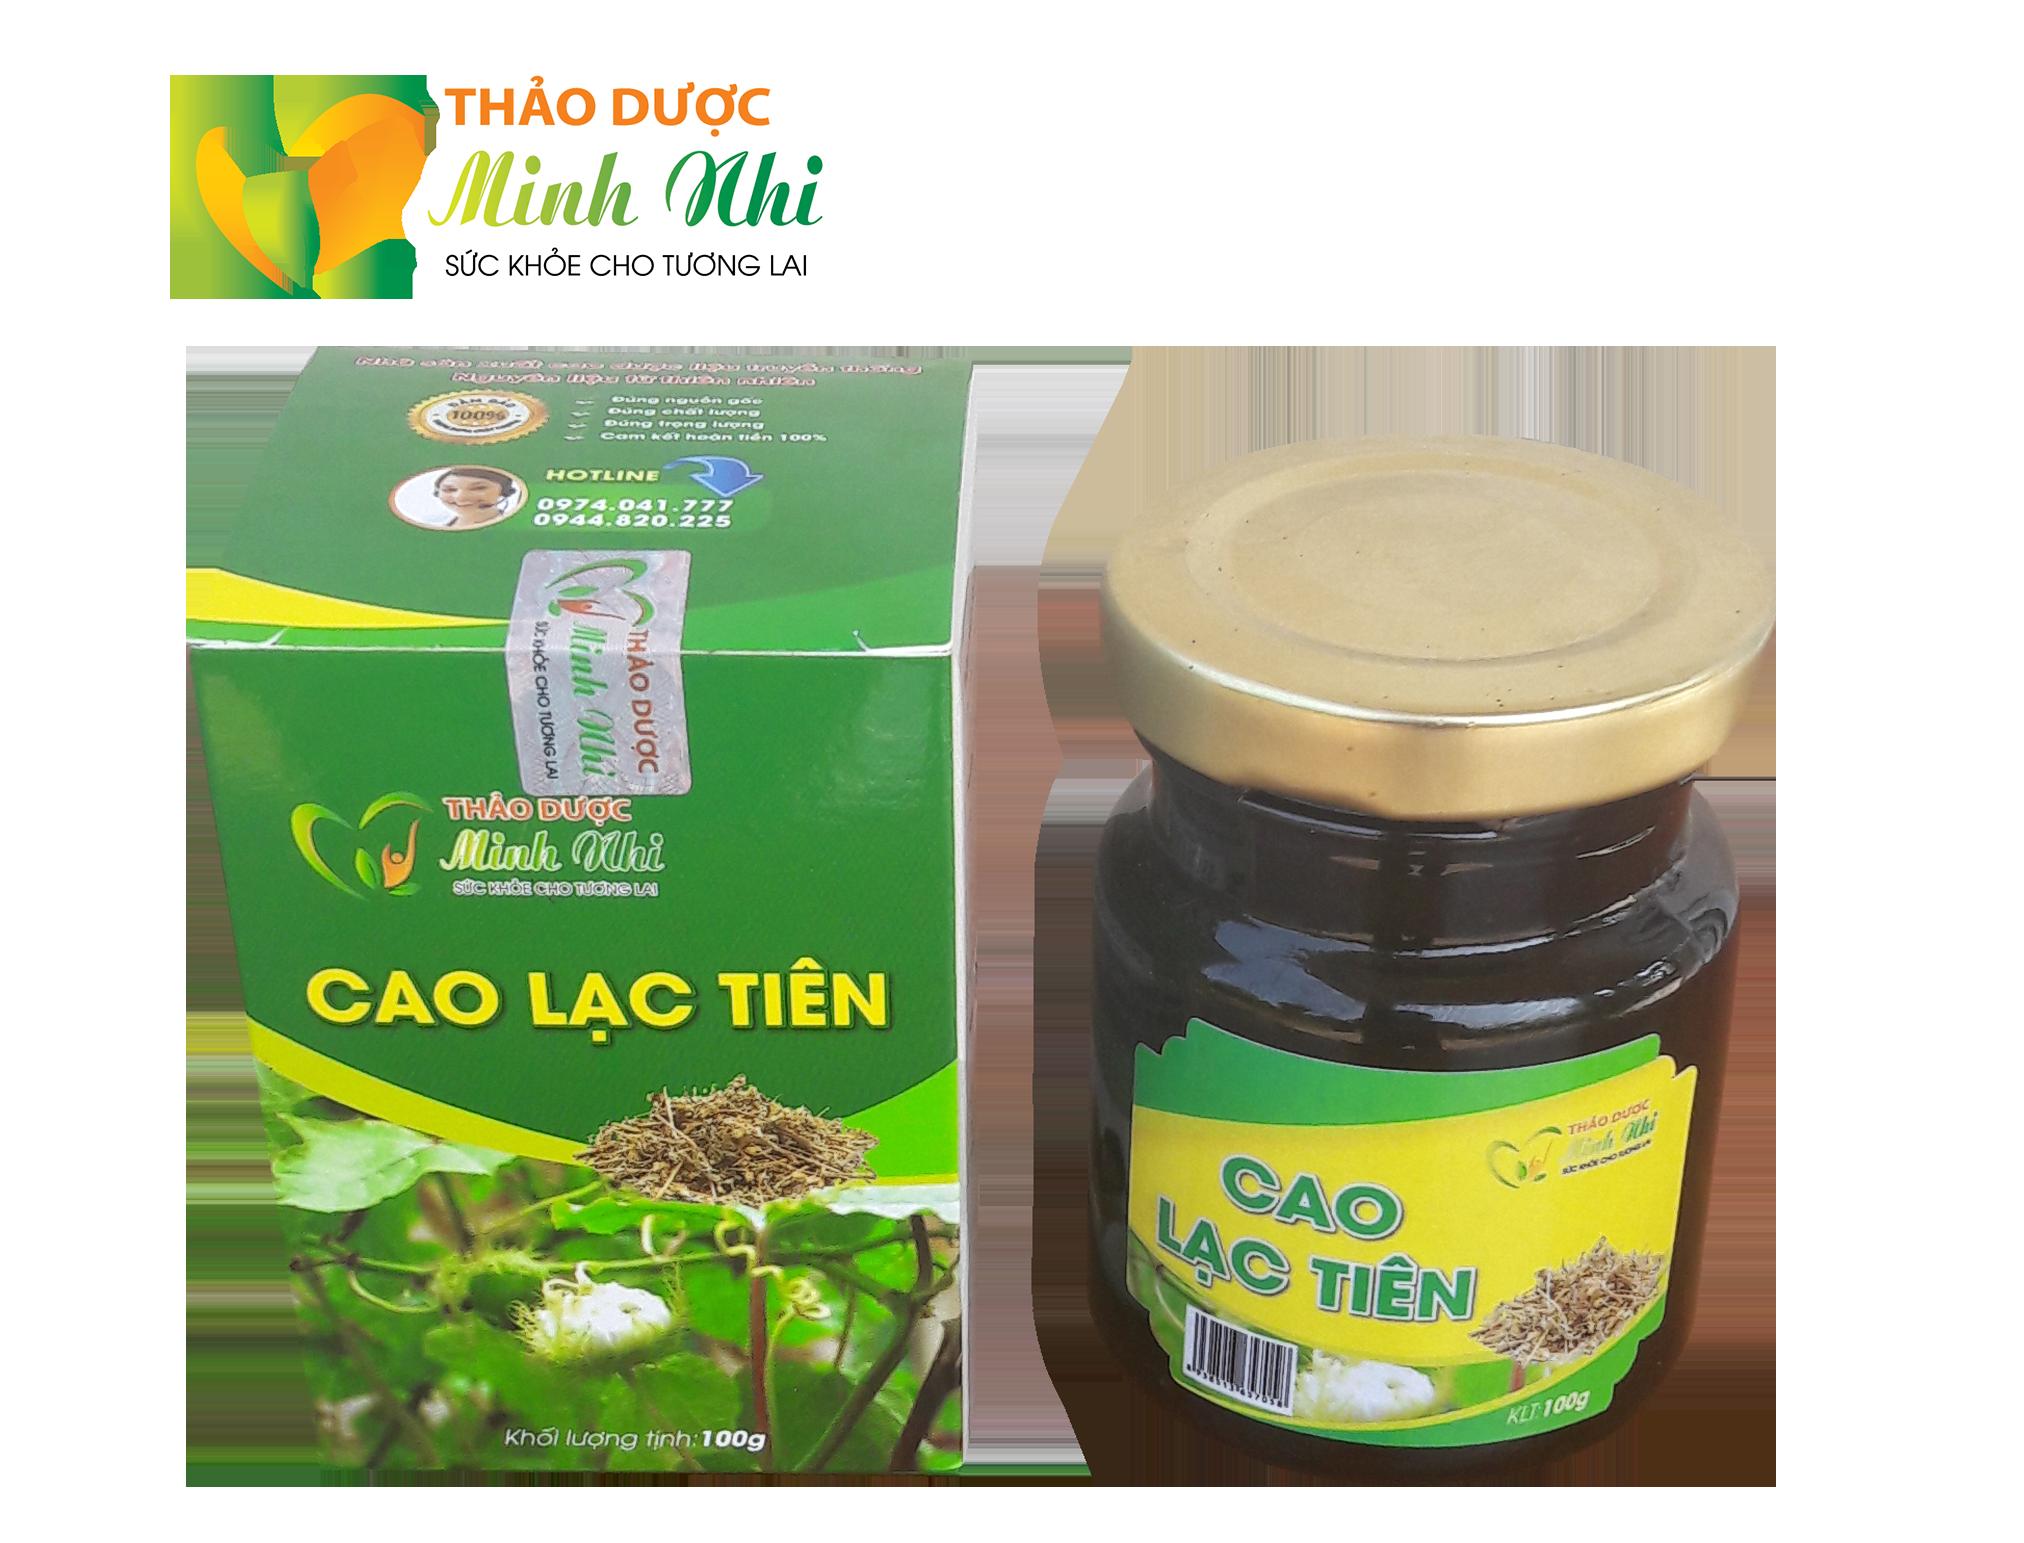 Cao Lạc Tiên – Điều trị mất ngủ, Khó ngủ, Giúp an thần